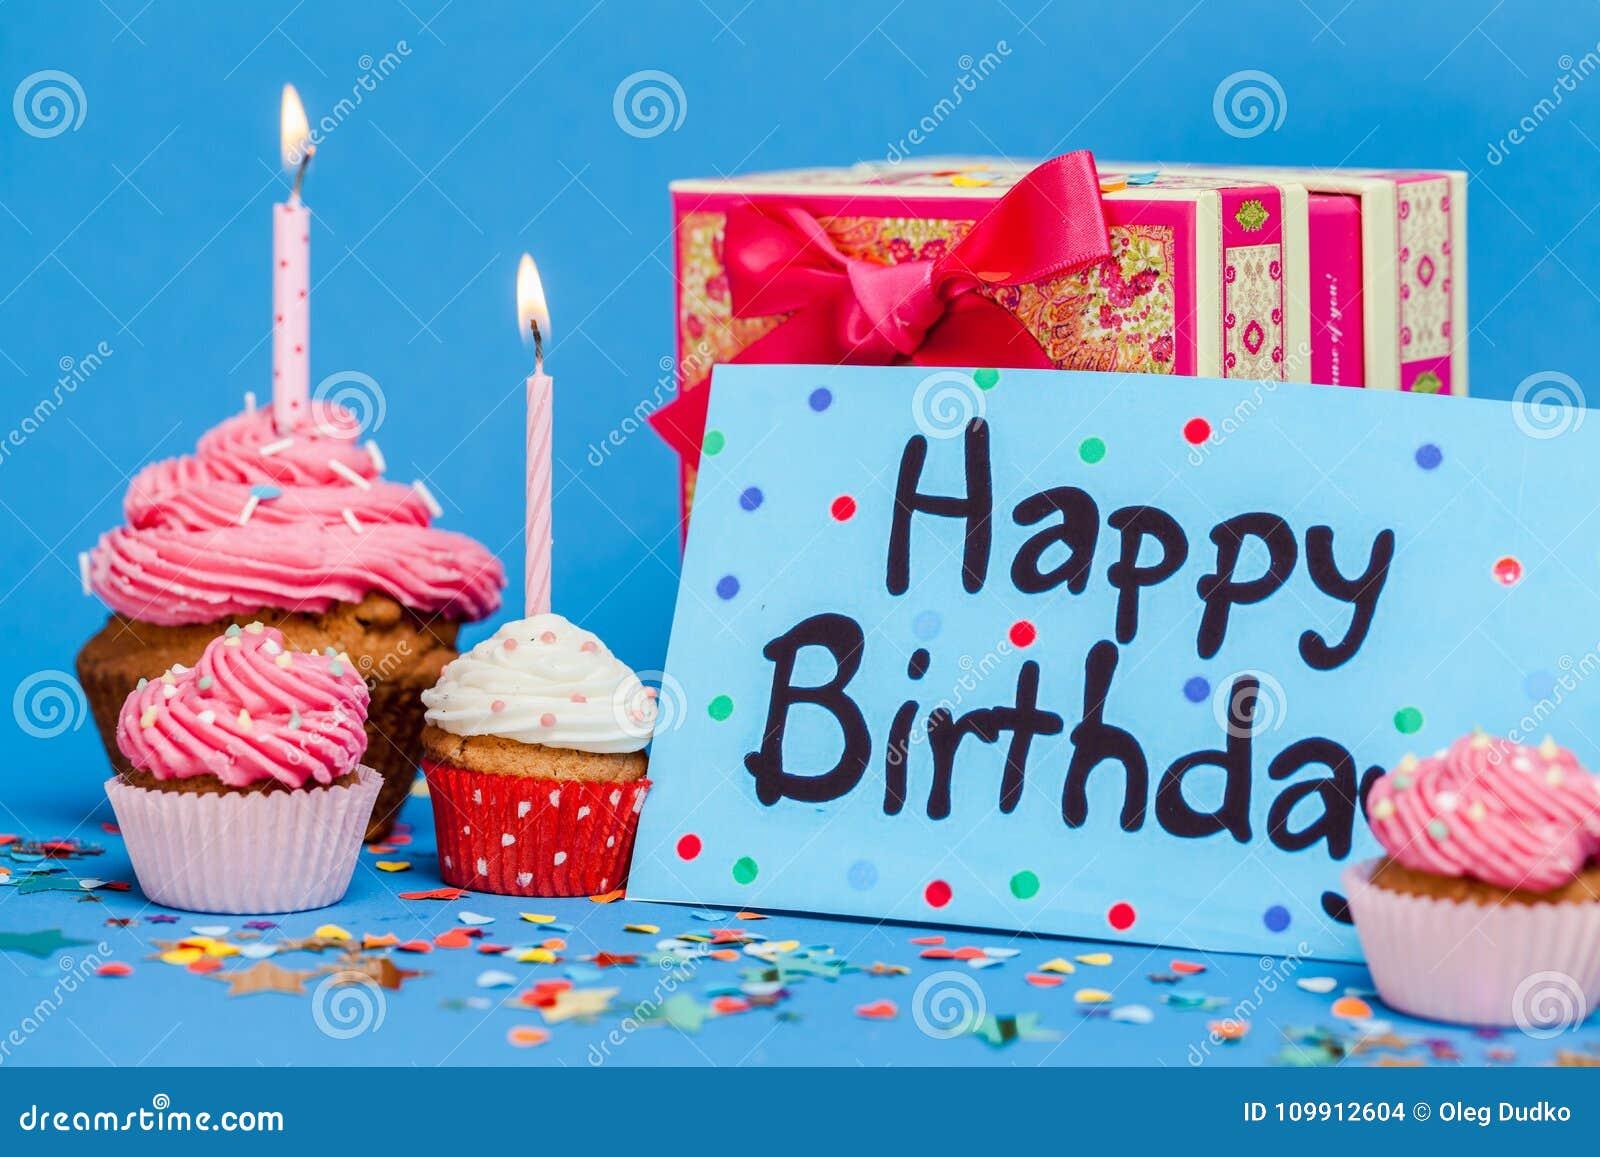 与礼物和杯形蛋糕的生日快乐卡片